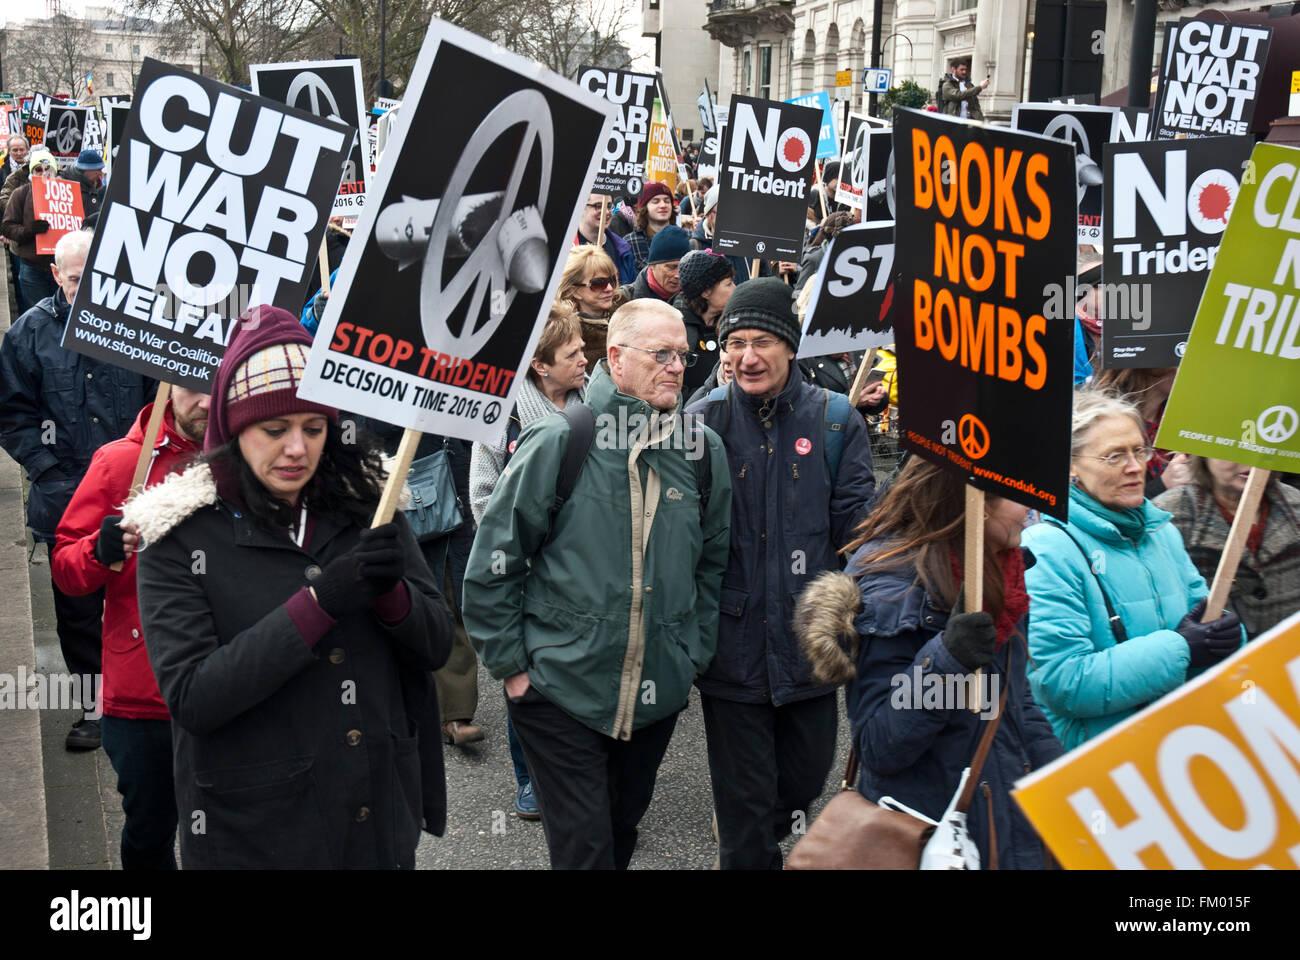 """Cnd démo avec des affiches """"des livres, pas des bombes' 'Stop trident 'couper la guerre non Photo Stock"""